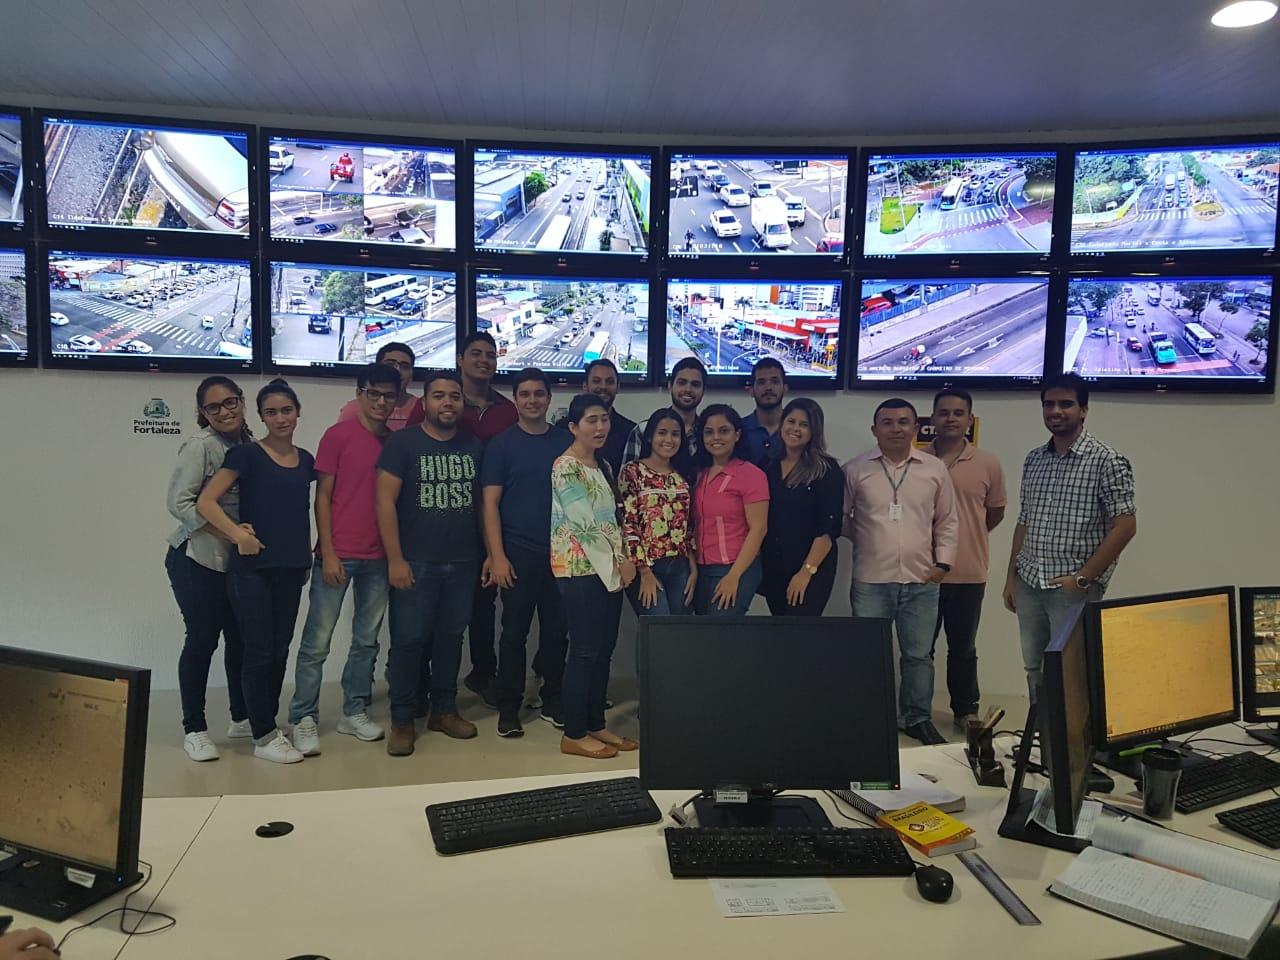 Alunos do Curso de Engenharia Civil da Unichristus visitaram a Central do Controle de Tráfego em Área de Fortaleza (CTAFOR)